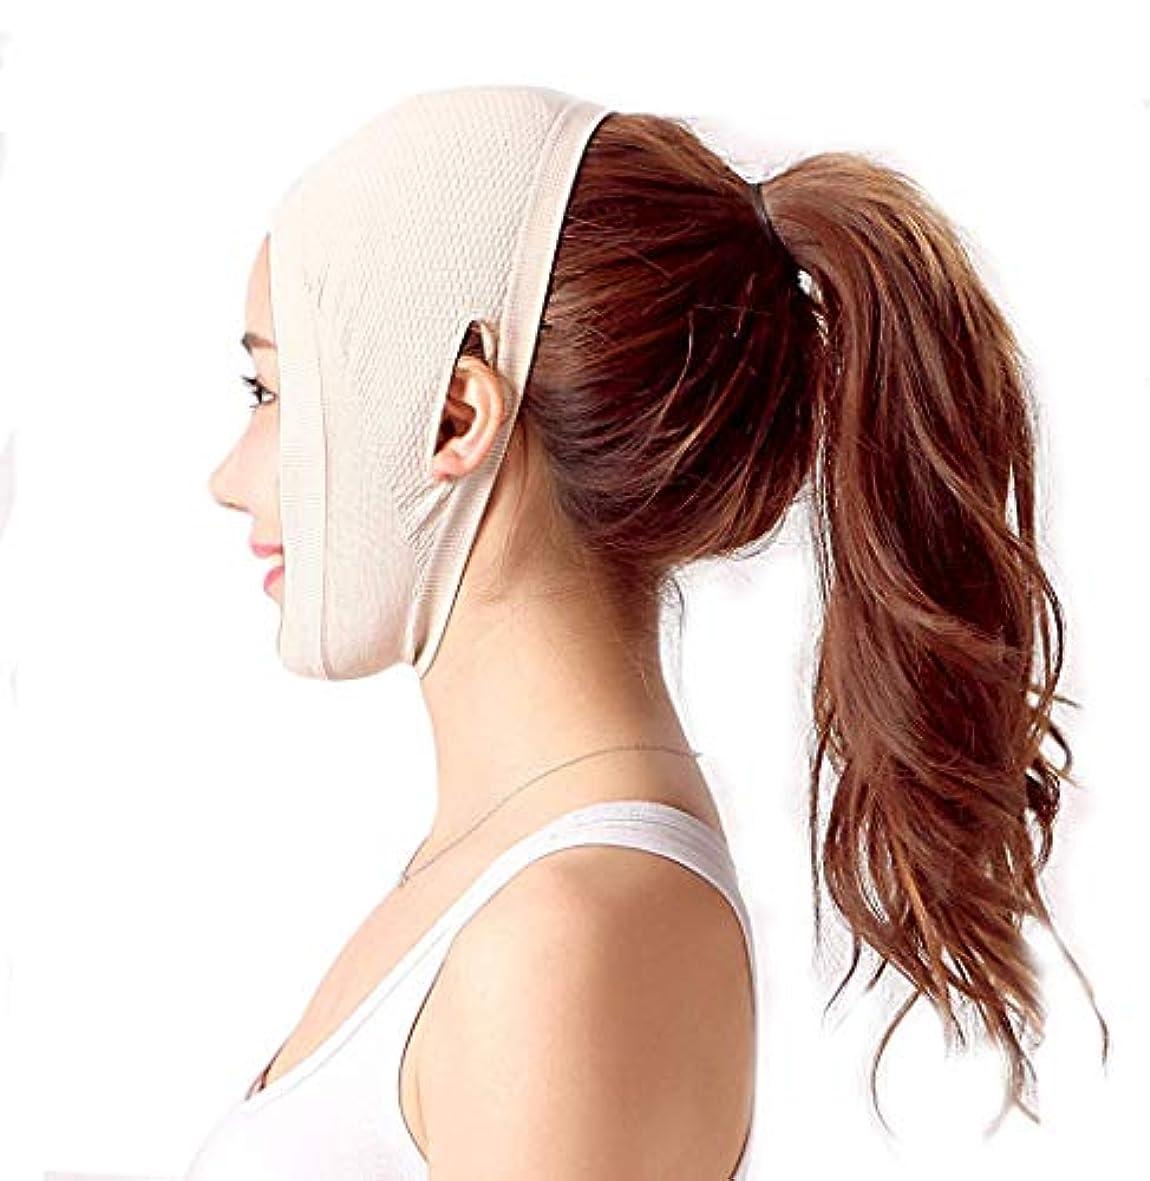 整形外科手術後の回復ヘッドギア医療マスク睡眠Vフェイスリフティング包帯薄いフェイスマスク(サイズ:肌の色(A)),肌の色調(A)